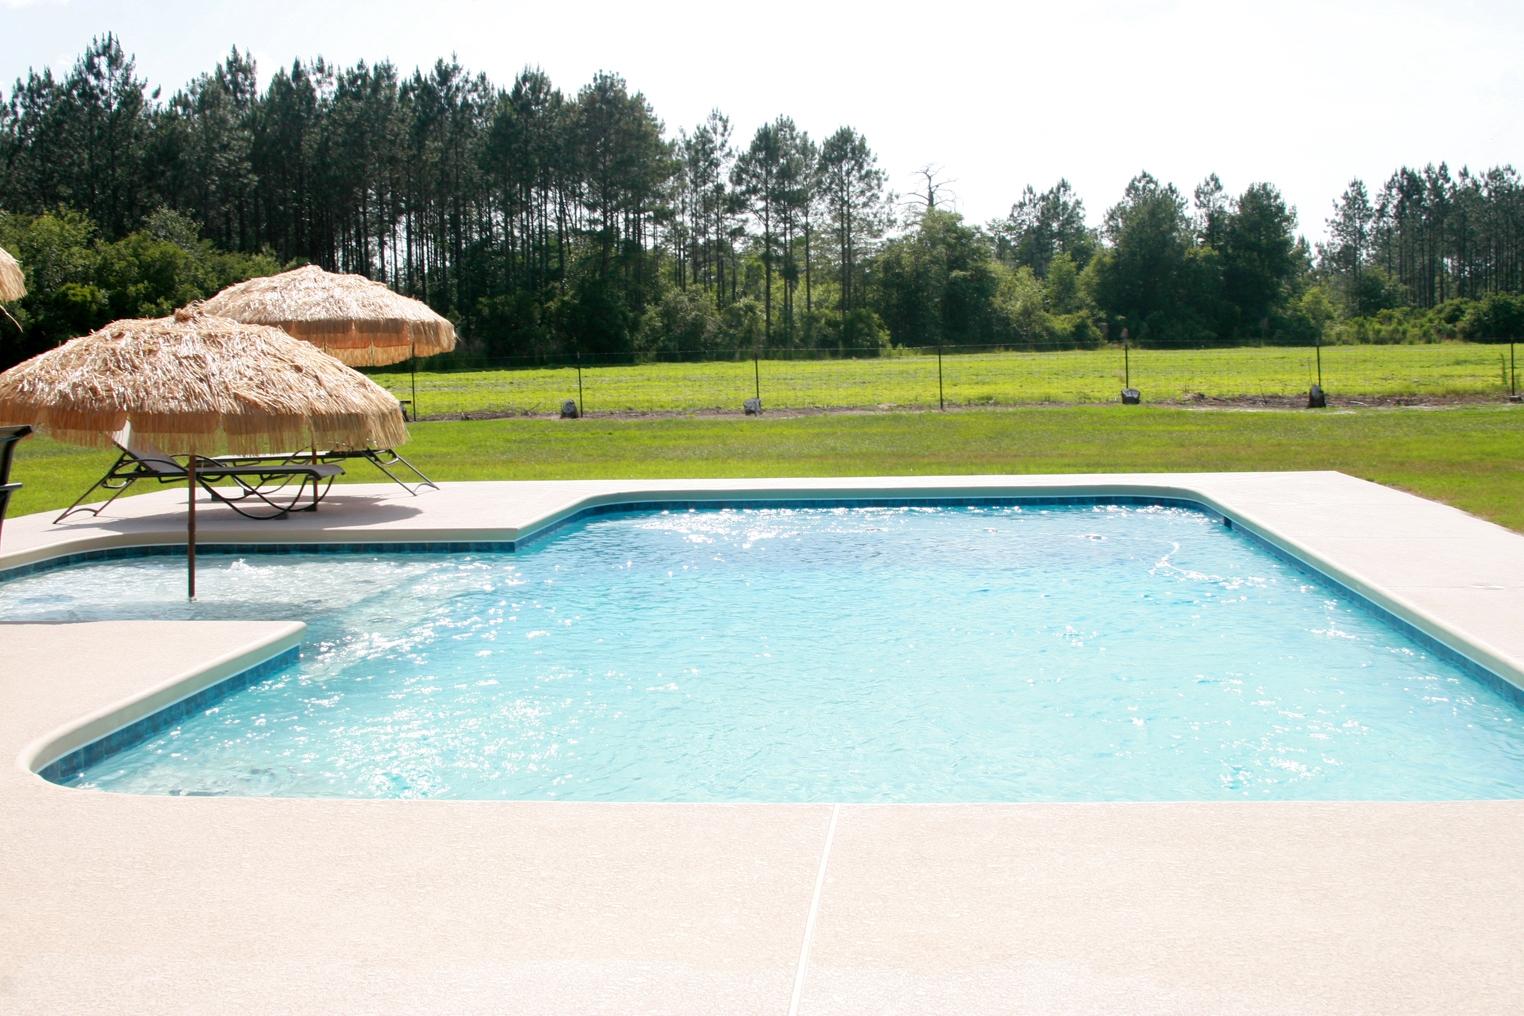 Personal Holiday Paradise Watson 39 S Pools Patios